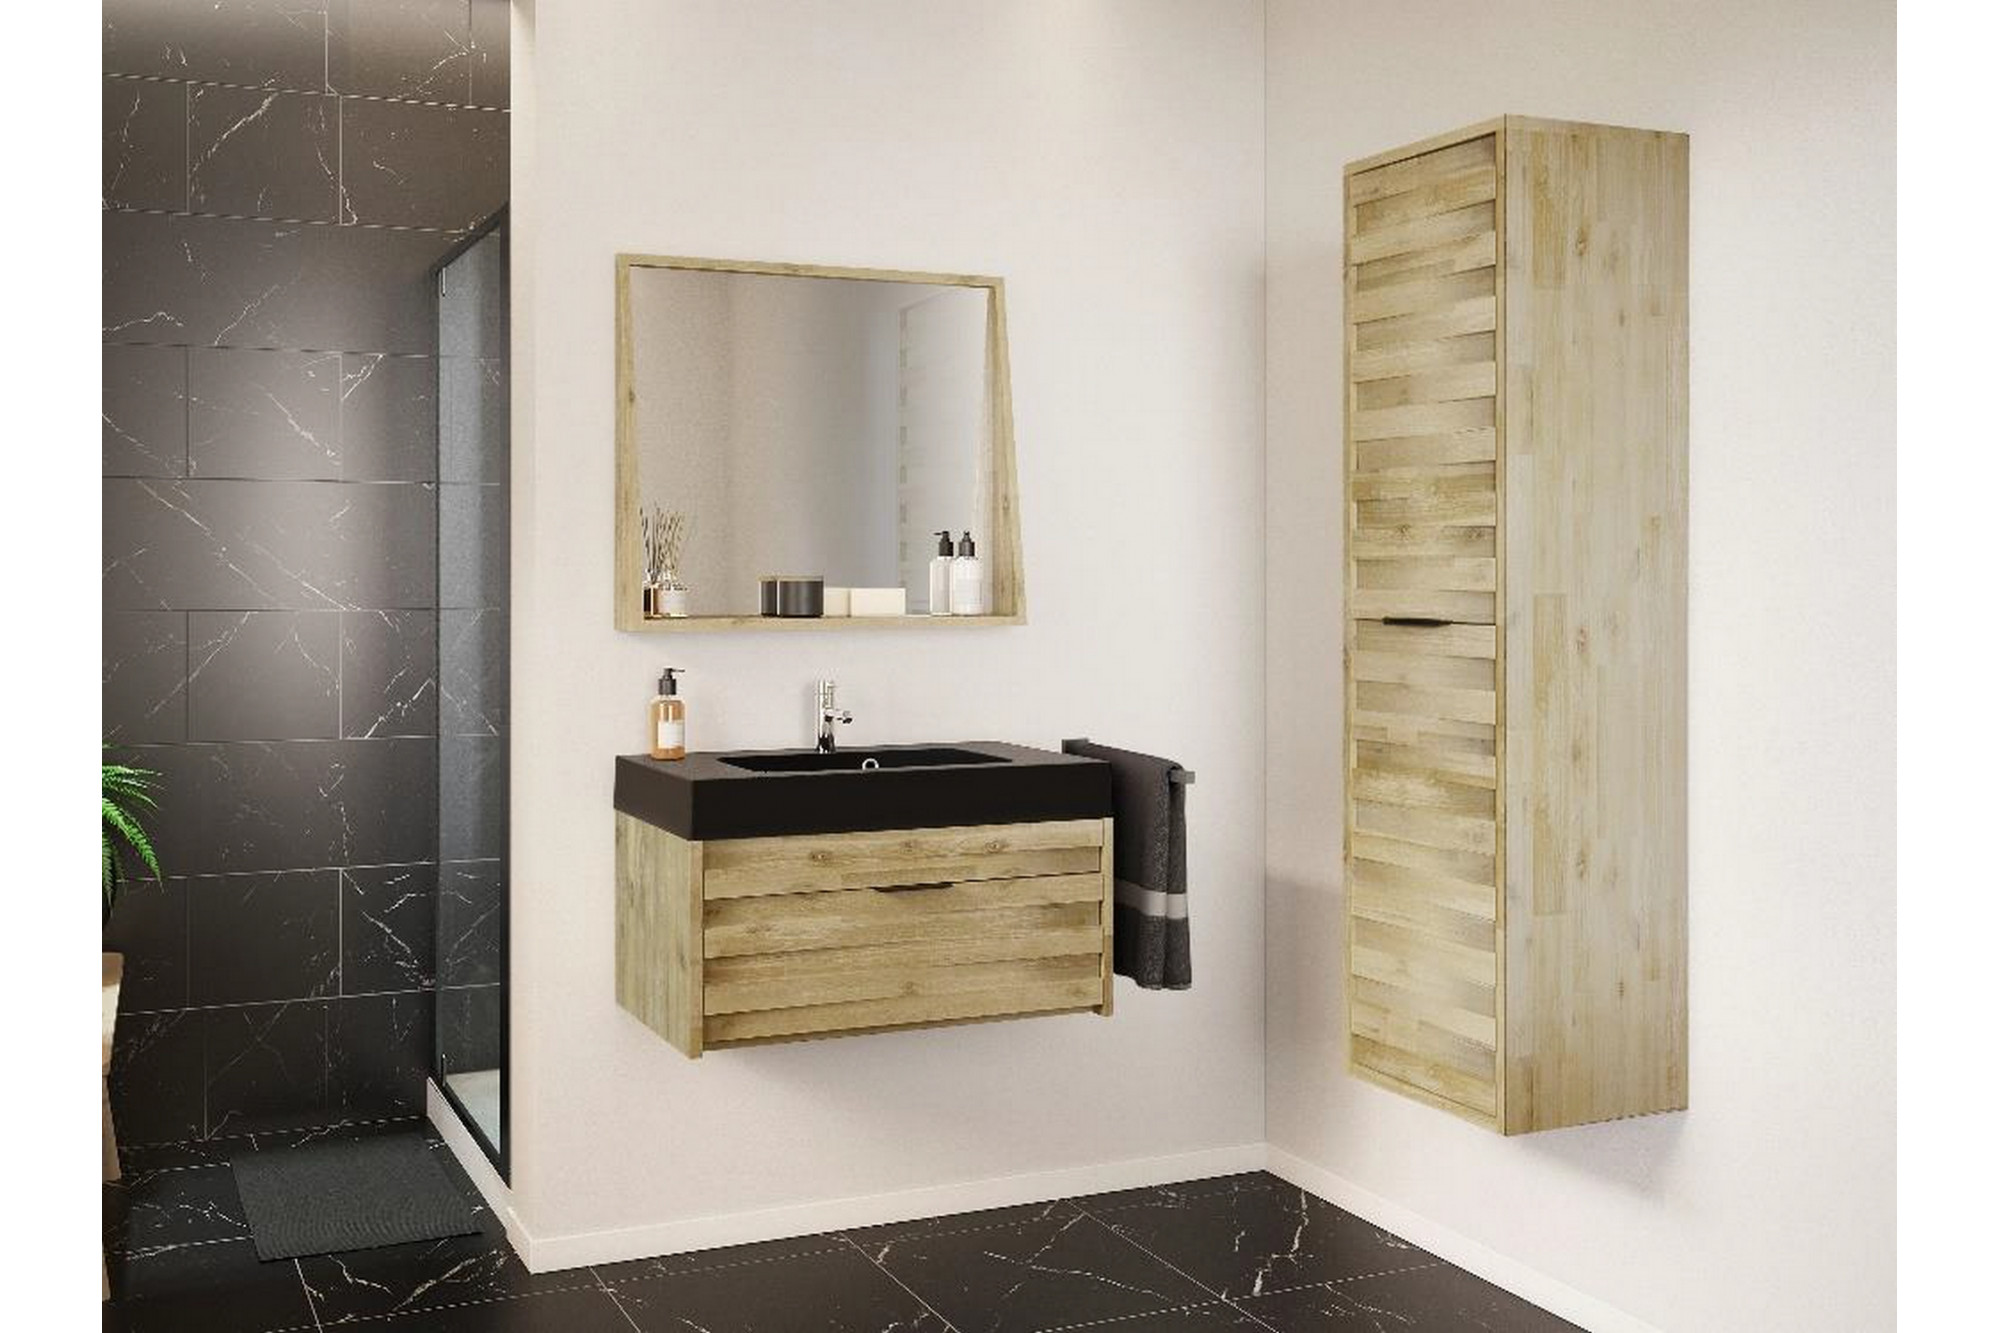 Meuble de salle de bain en bois massif avec plan béton noir ...